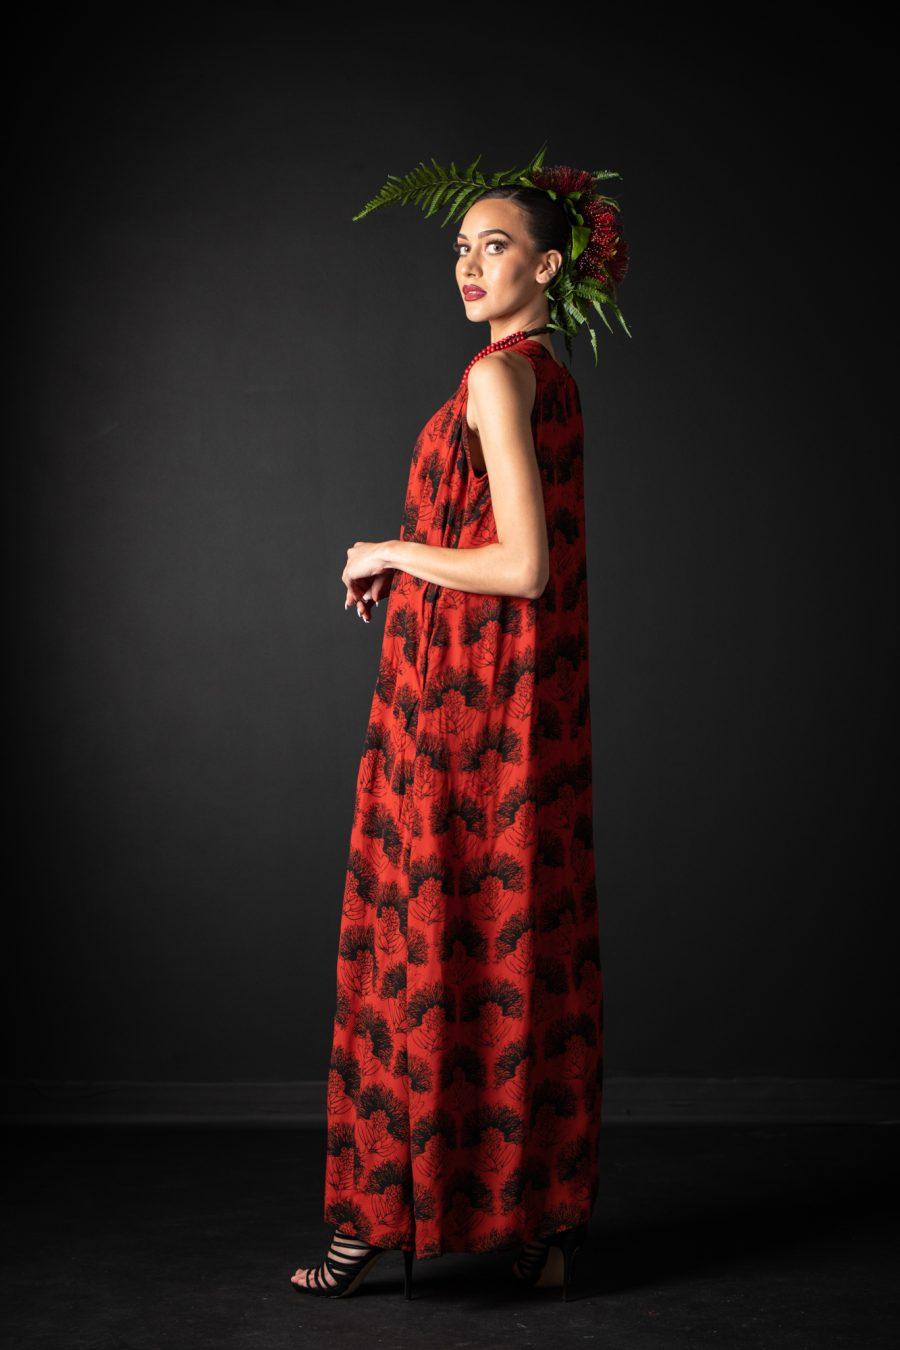 Model wearing Malia Long Dress in Firey Red-Black Kalihilehua Pattern- Side View